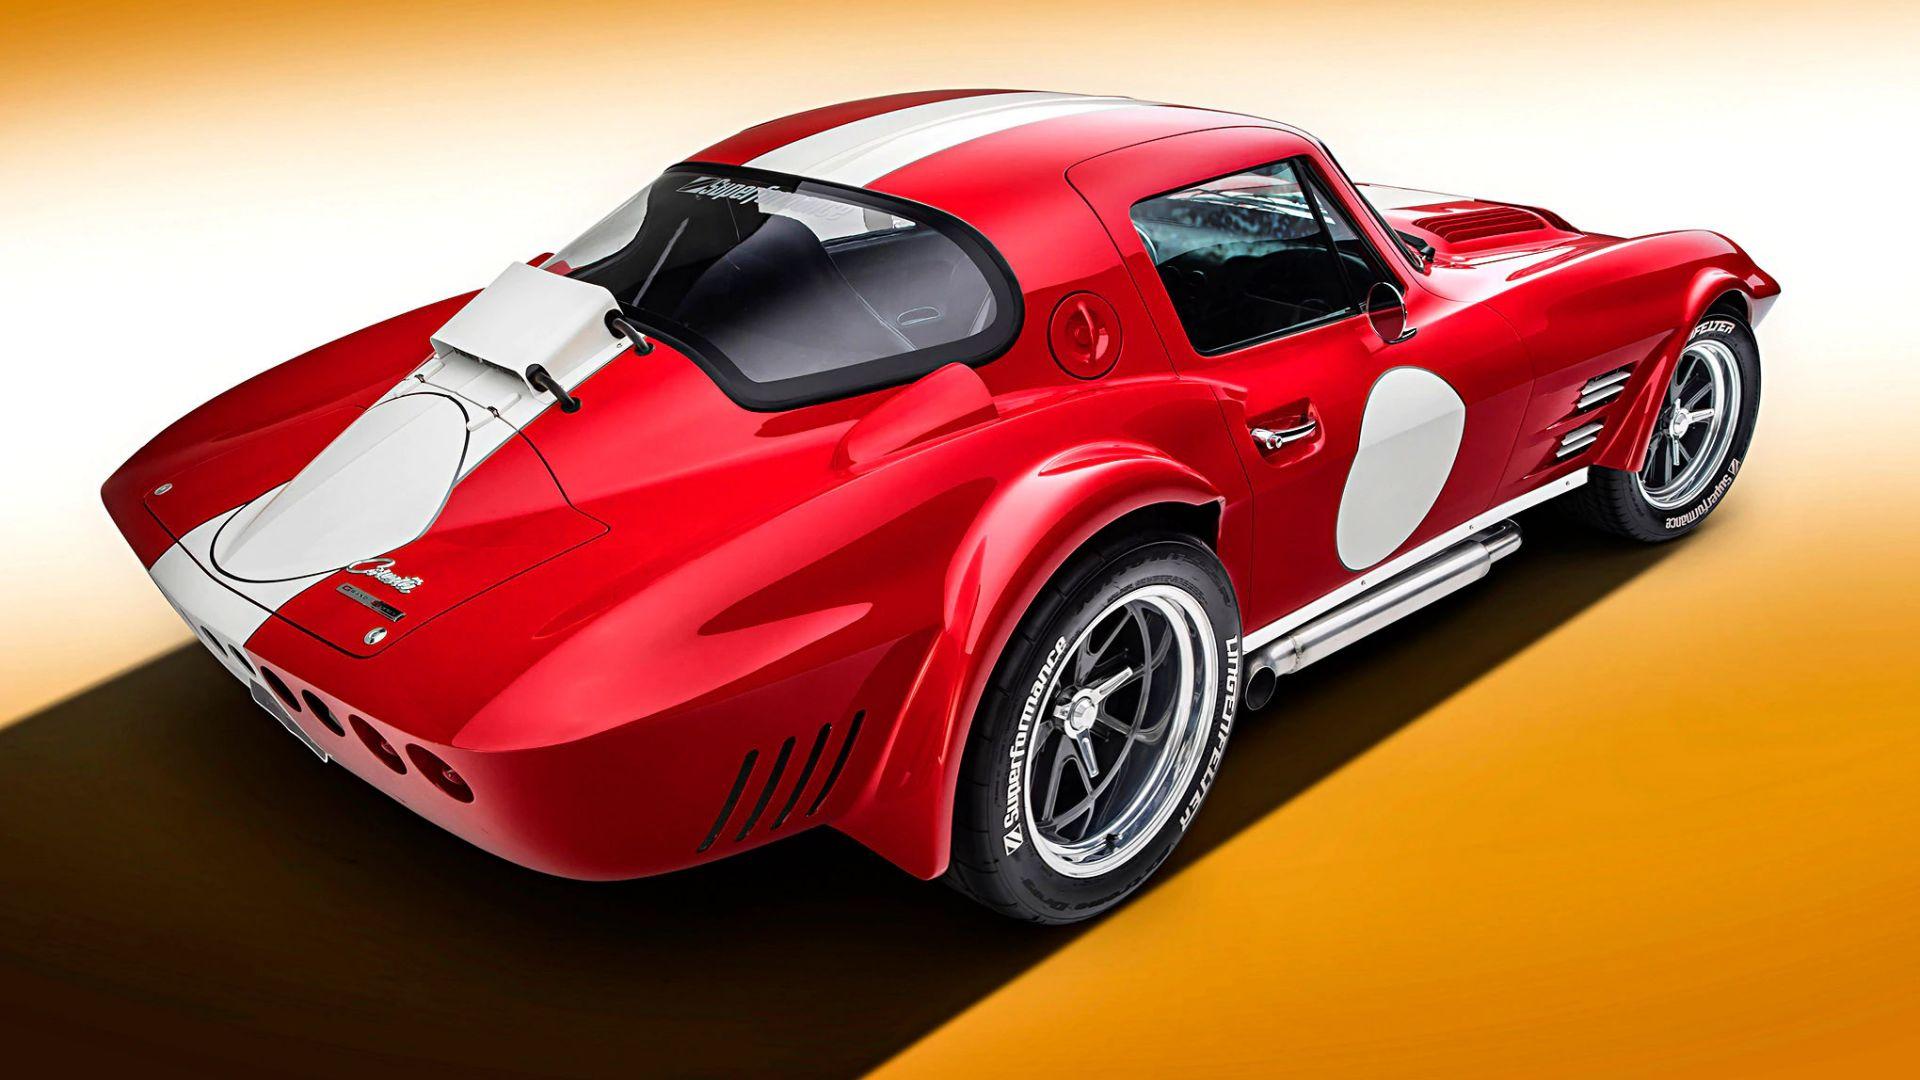 Desktop Wallpaper Muscle Car, Corvette, Rear, Hd Image ...